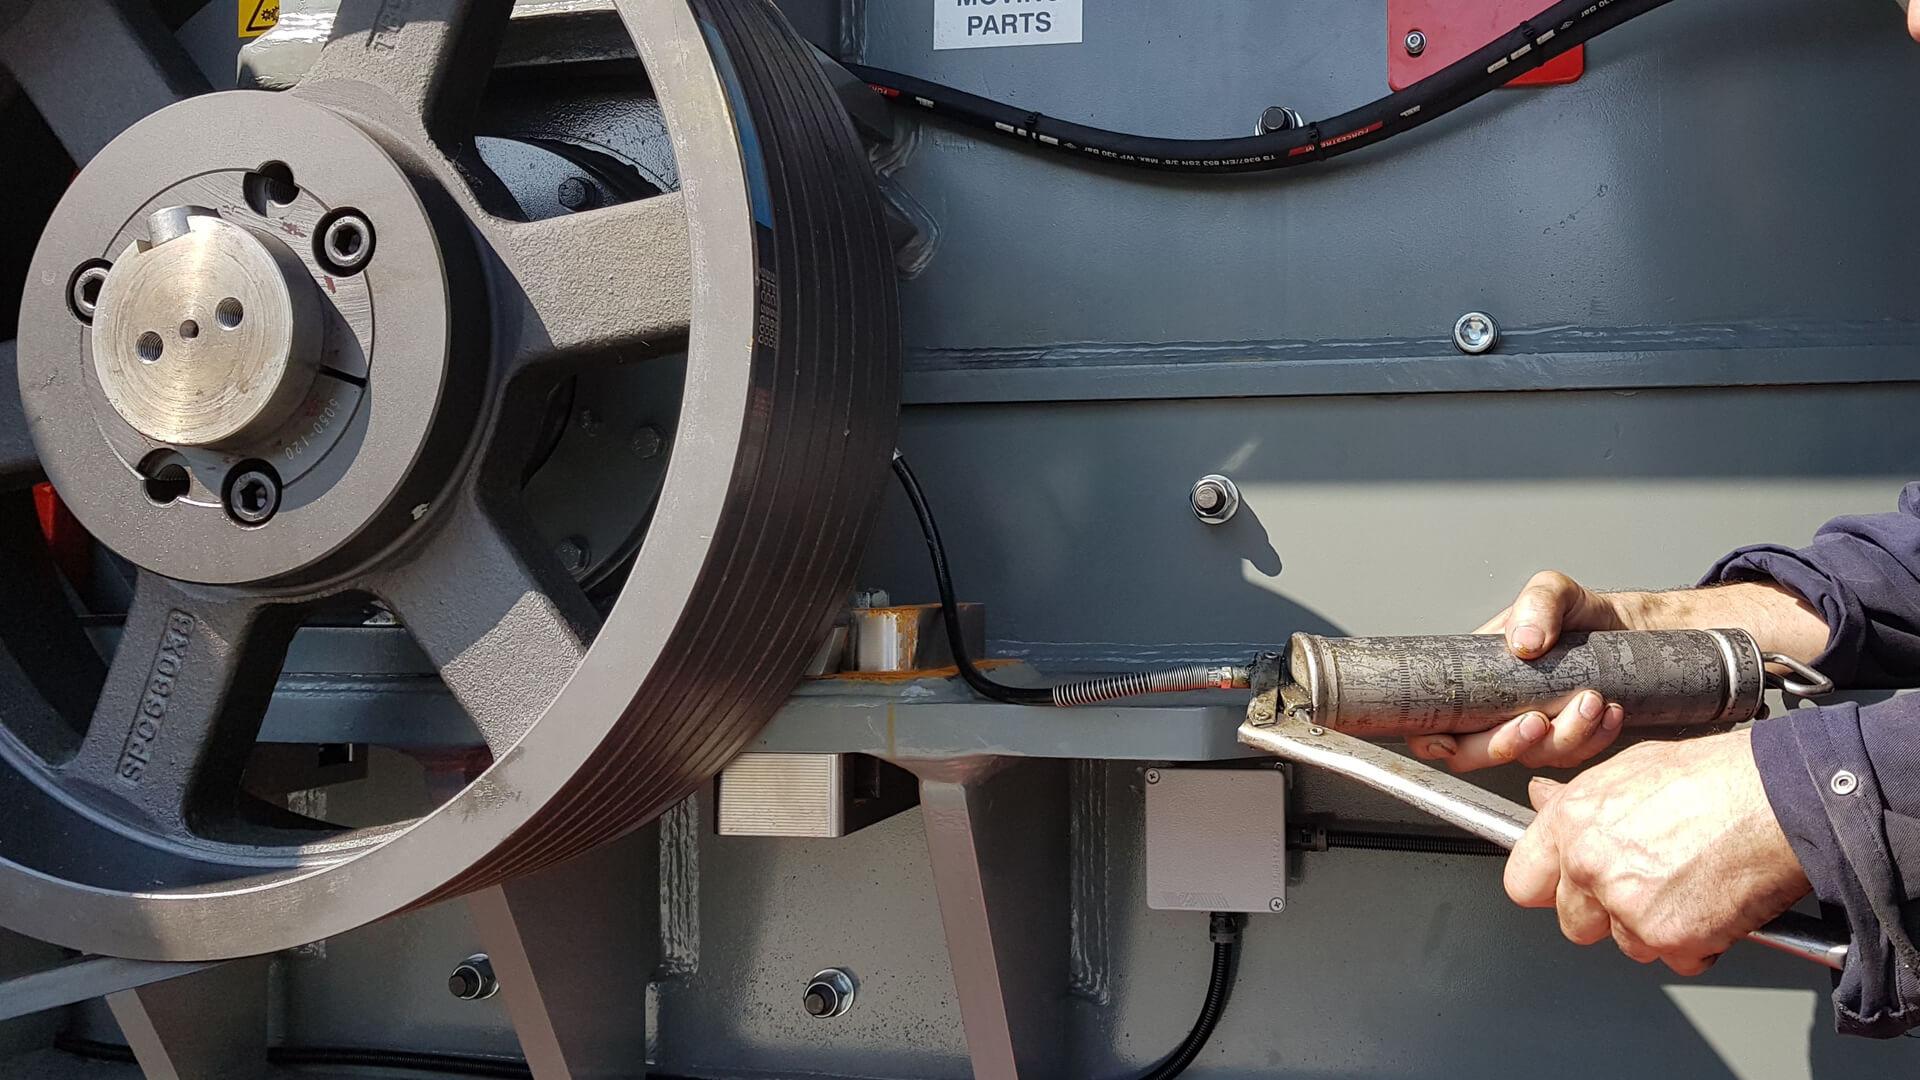 Servizio assistenza cliente macchina riciclo e smaltimento rifiuti ITR Omar Impianti